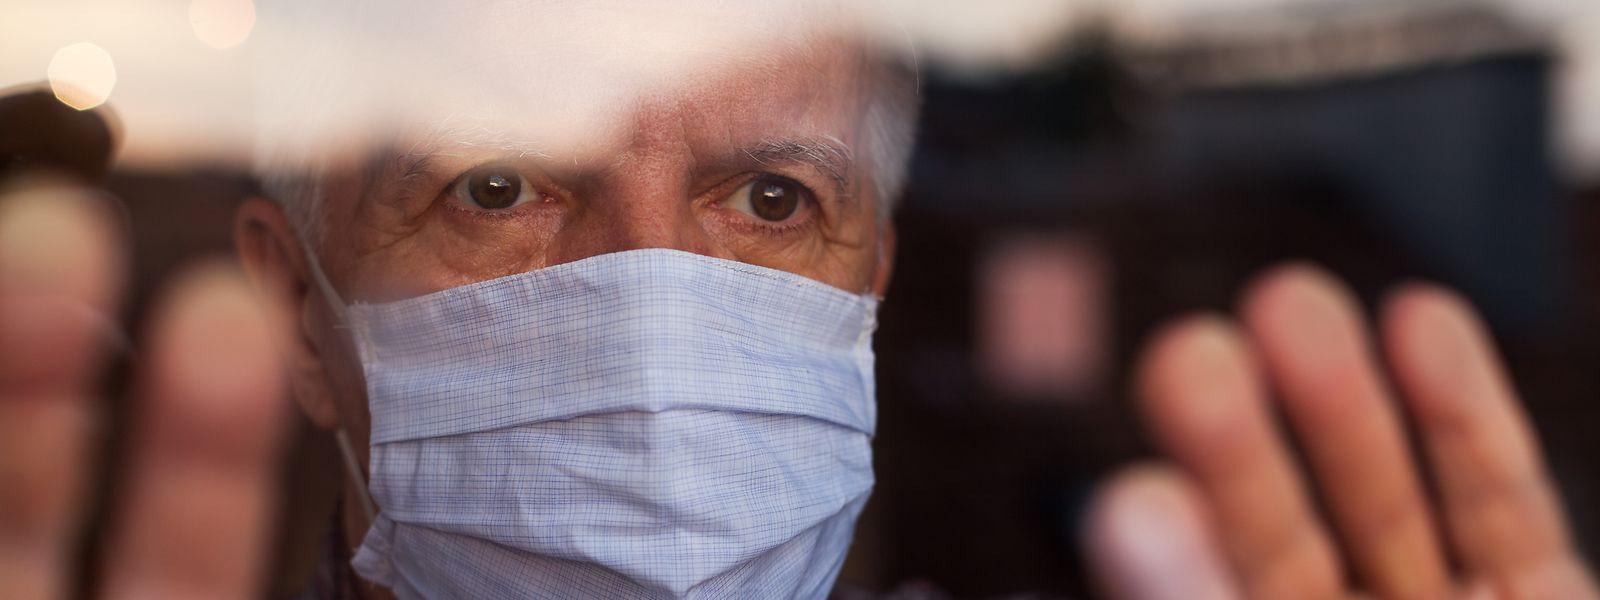 Wer sich mit dem Corona-Virus infiziert hat, muss künftig nur noch zehn Tage in Isolation. Bislang galt eine Frist von zwei Wochen.